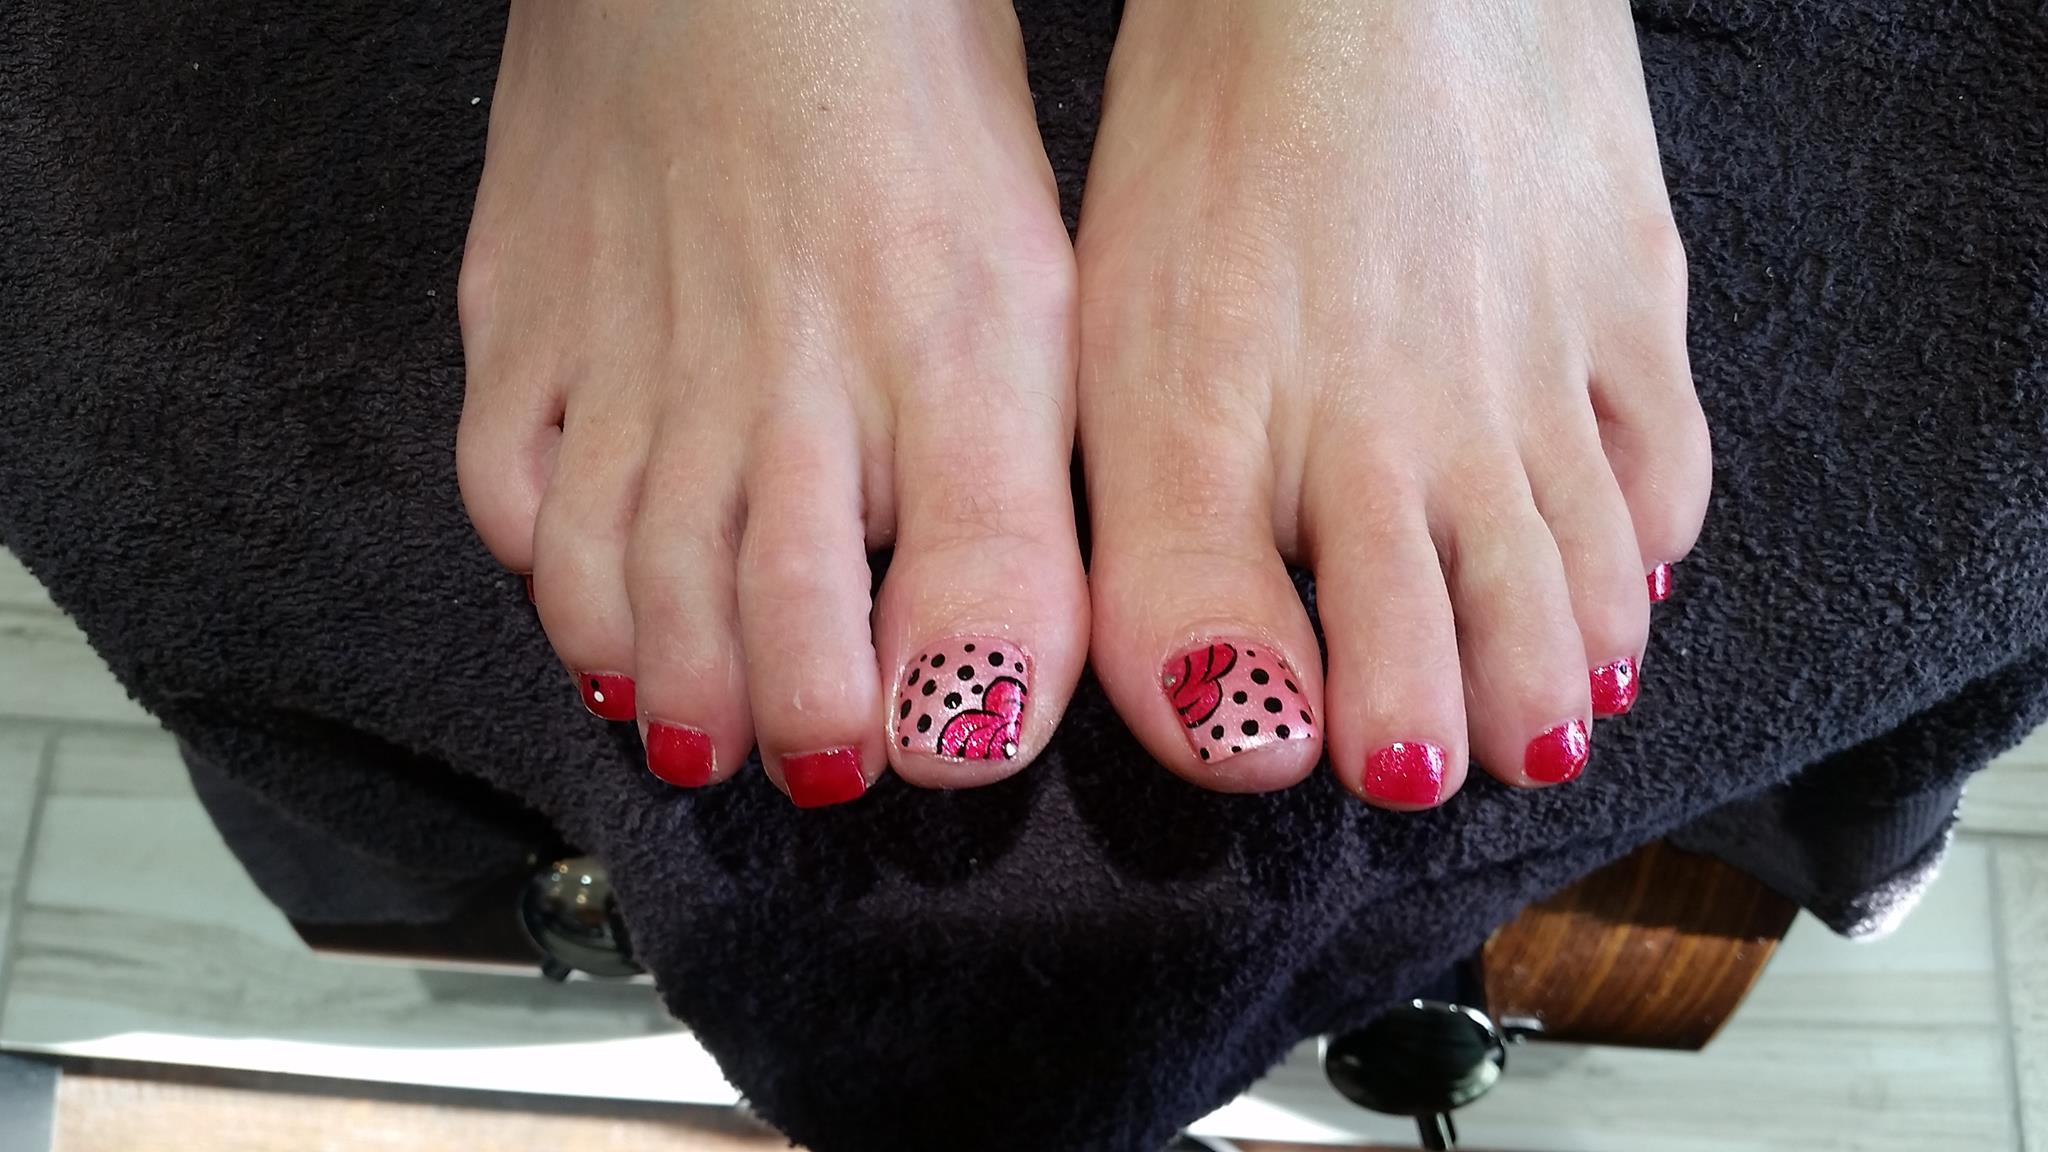 La Vie Nail Spa Pedicure